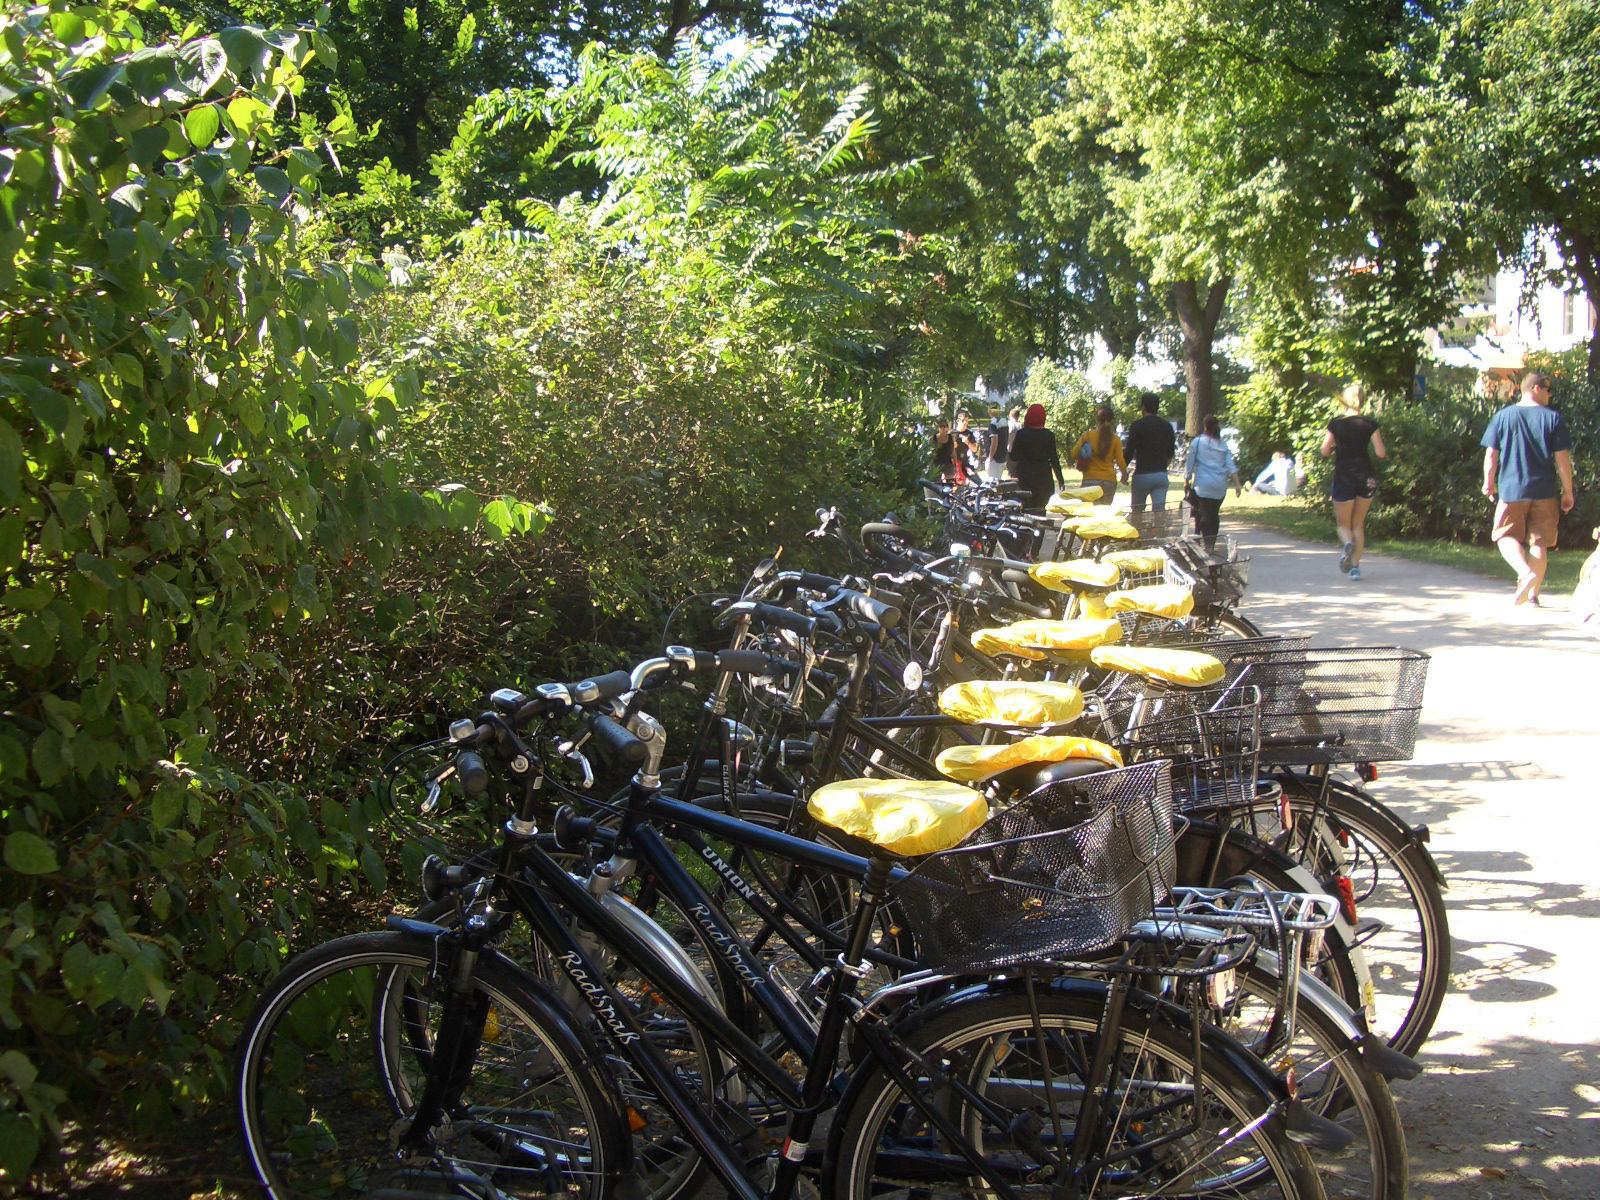 Sattel-Werbung mit BikeCaps im Stadtpark - Fahrradwerbung